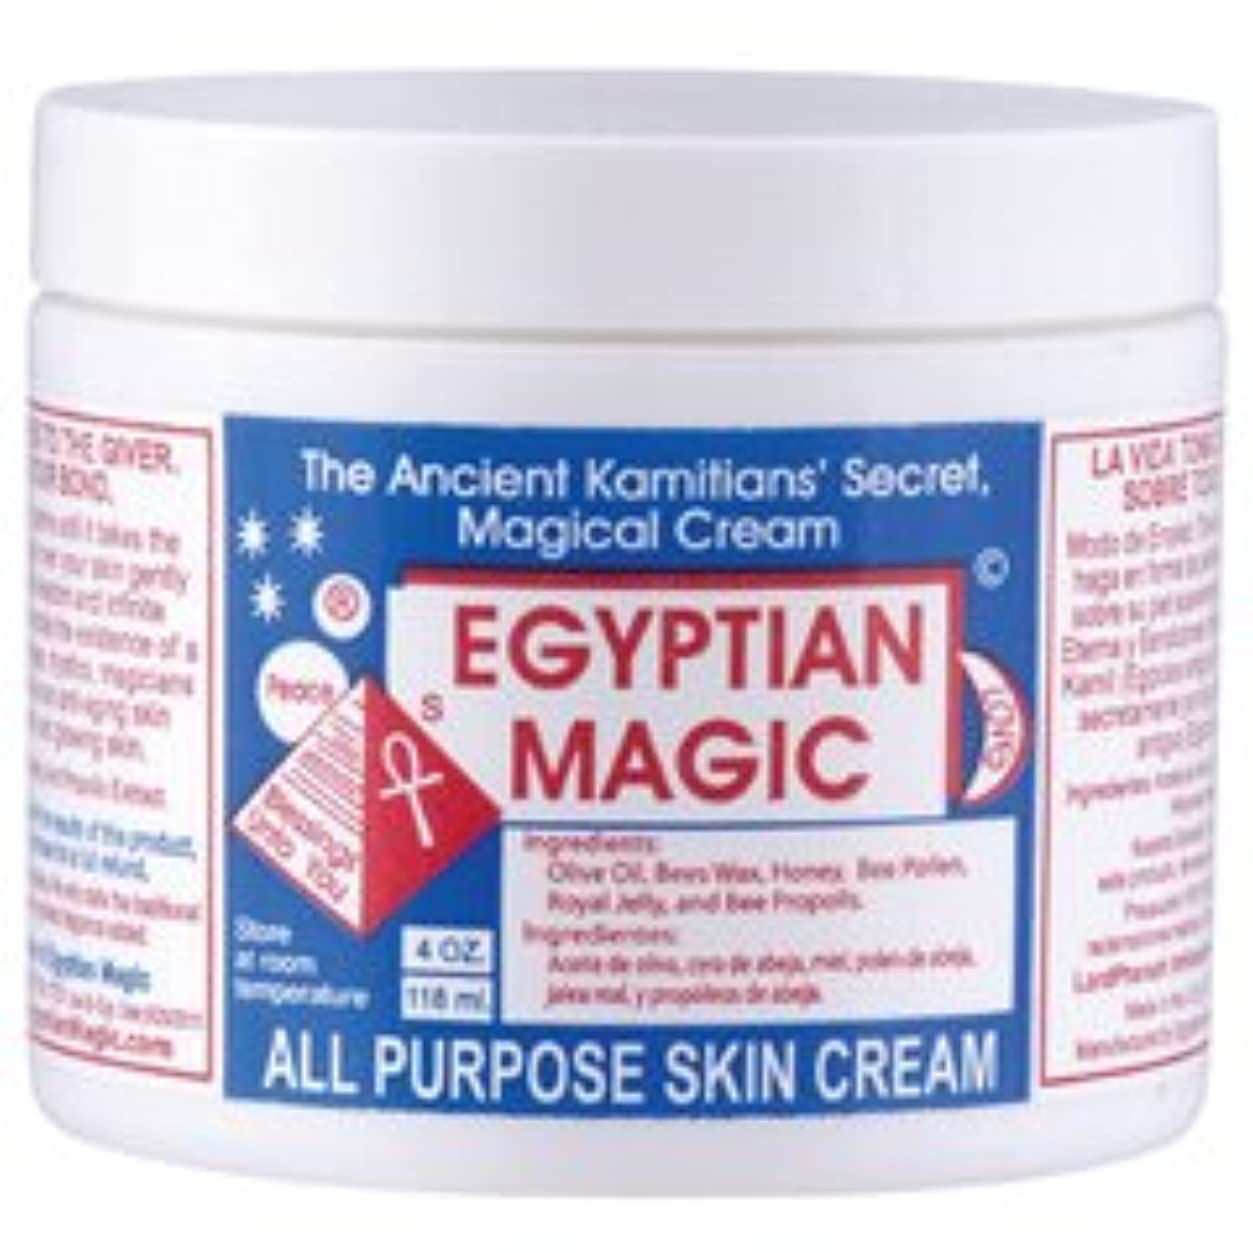 エジプシャンマジック(Egyptian Magic) エジプシャン マジック 118ml [海外直送品][並行輸入品]